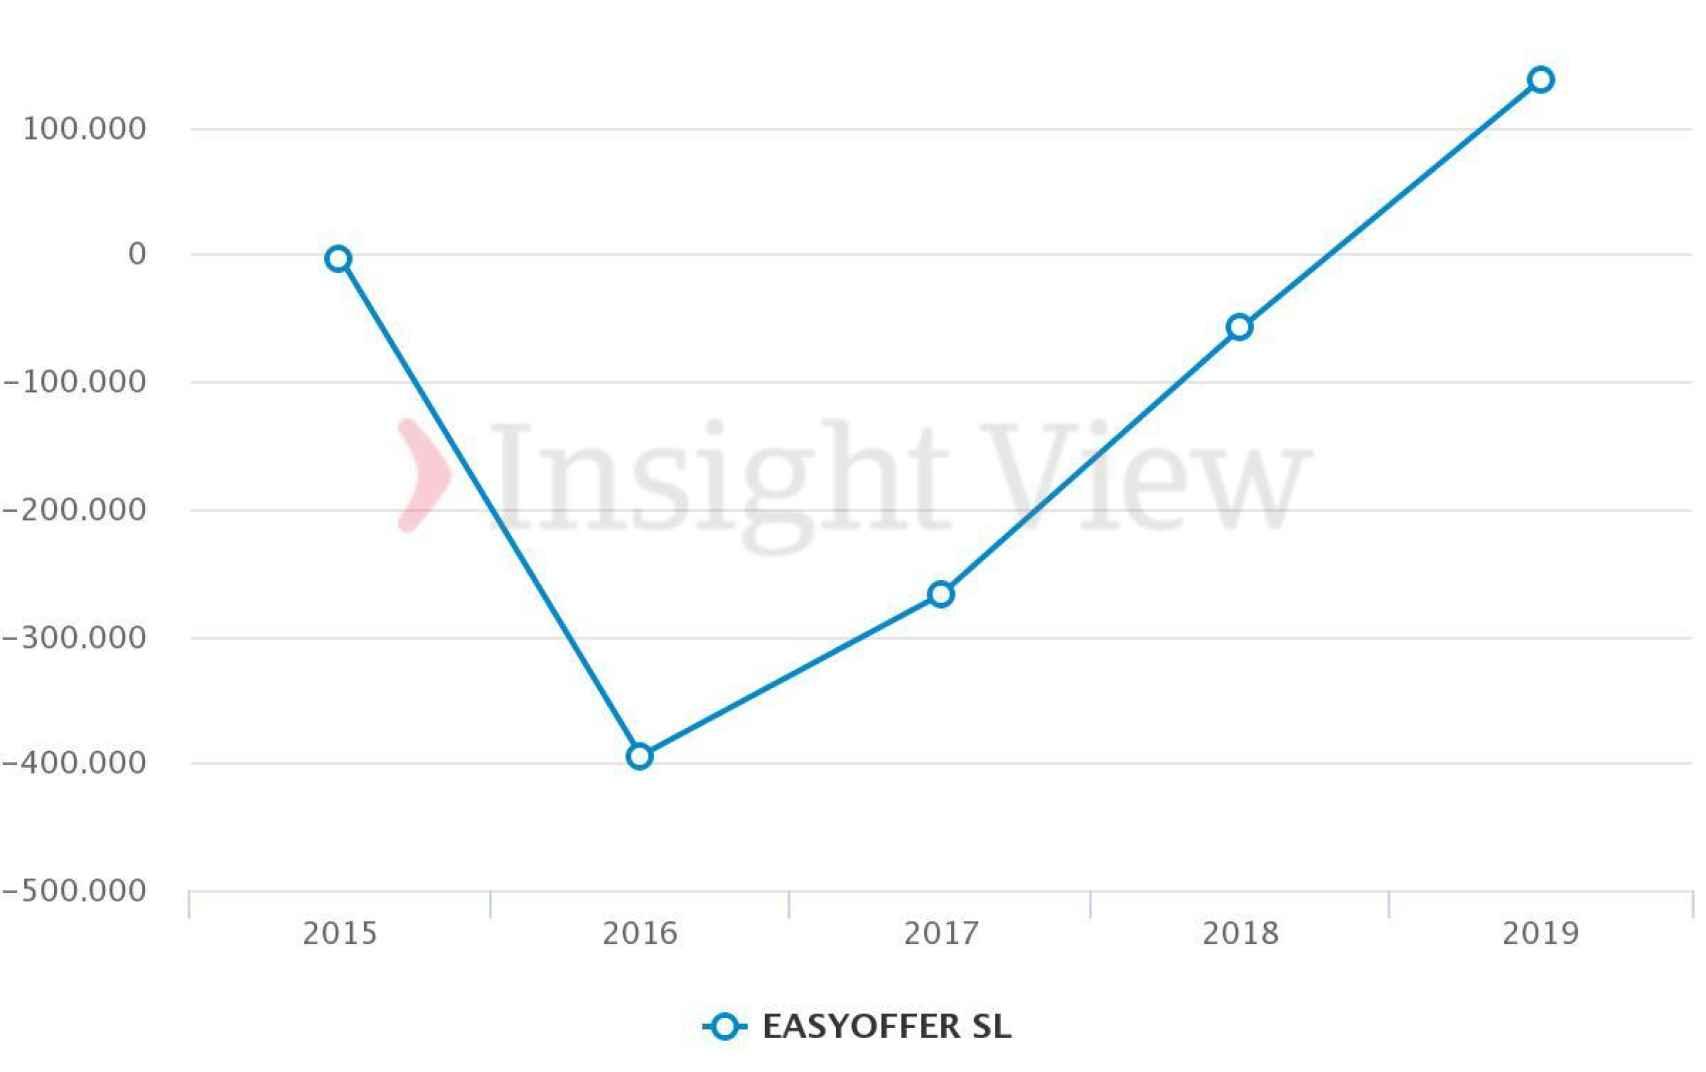 Evolución de  los beneficios de Easyoffer. Fuente: Insightview.